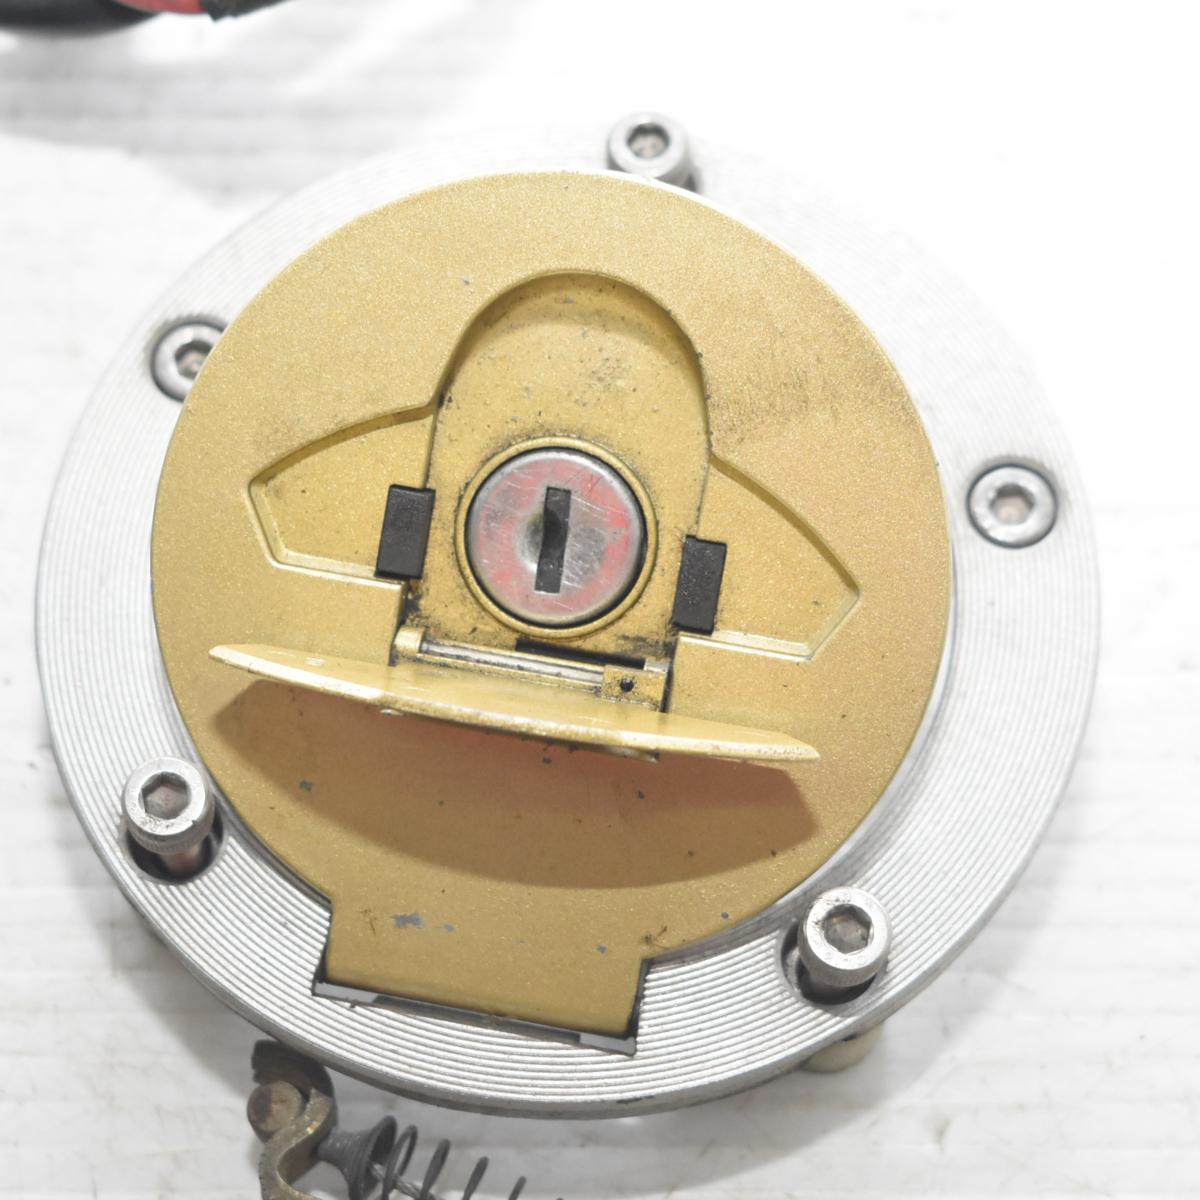 ドゥカティ SS900 ZDM1LC メインキー タンクキャップ シートロック 共通キーセット 【A】ASV_画像2